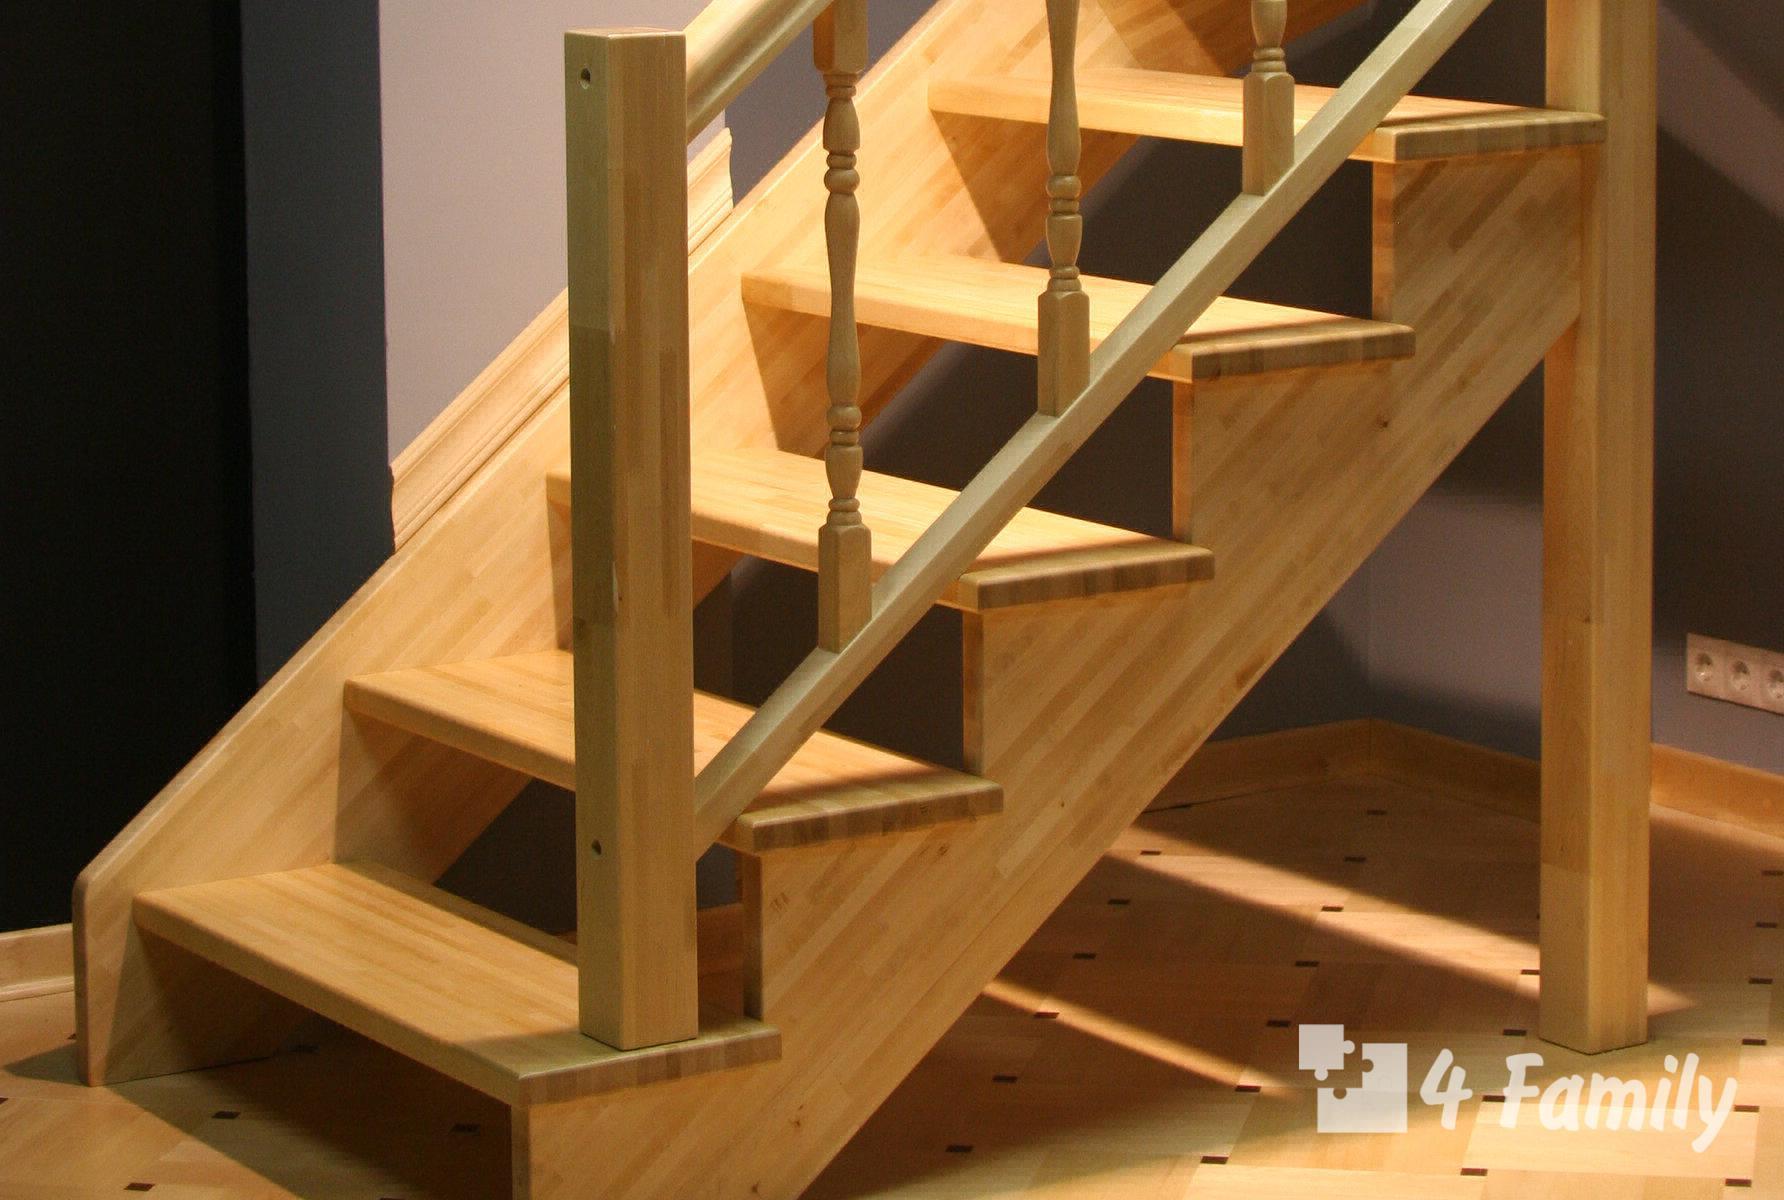 4family Как дома самому сделать лестницу